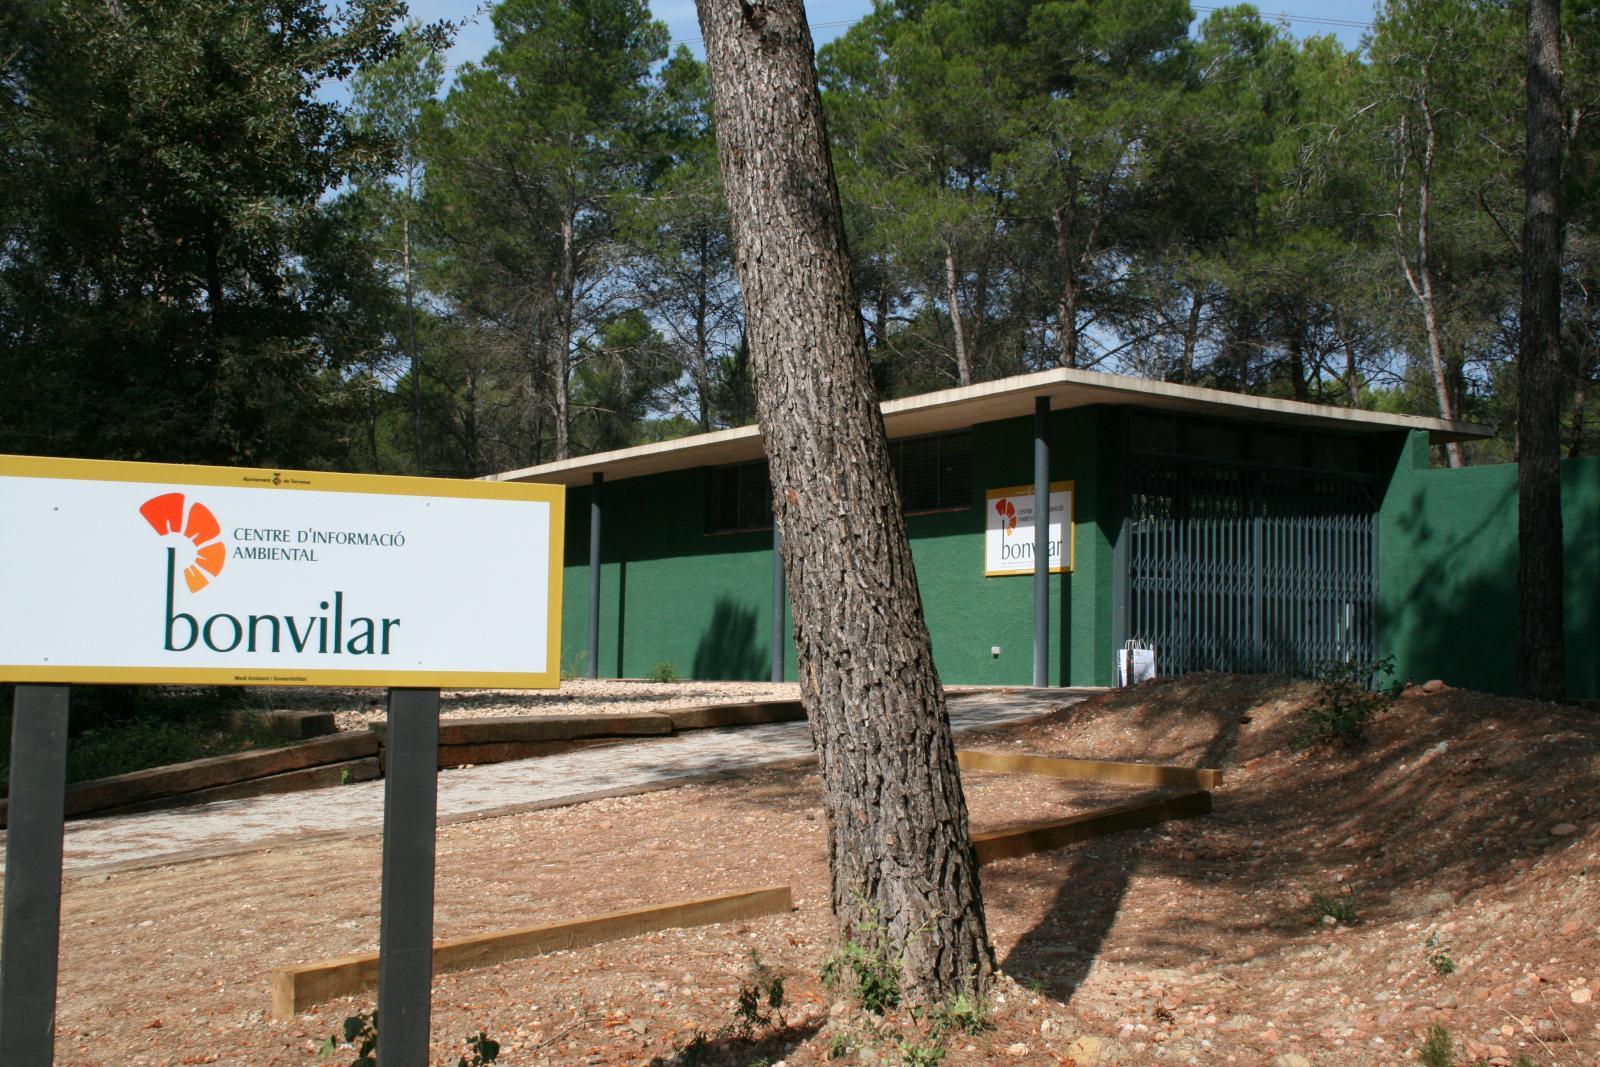 Centre d'Informació Ambiental Bonvilar (CIAB) de Terrassa